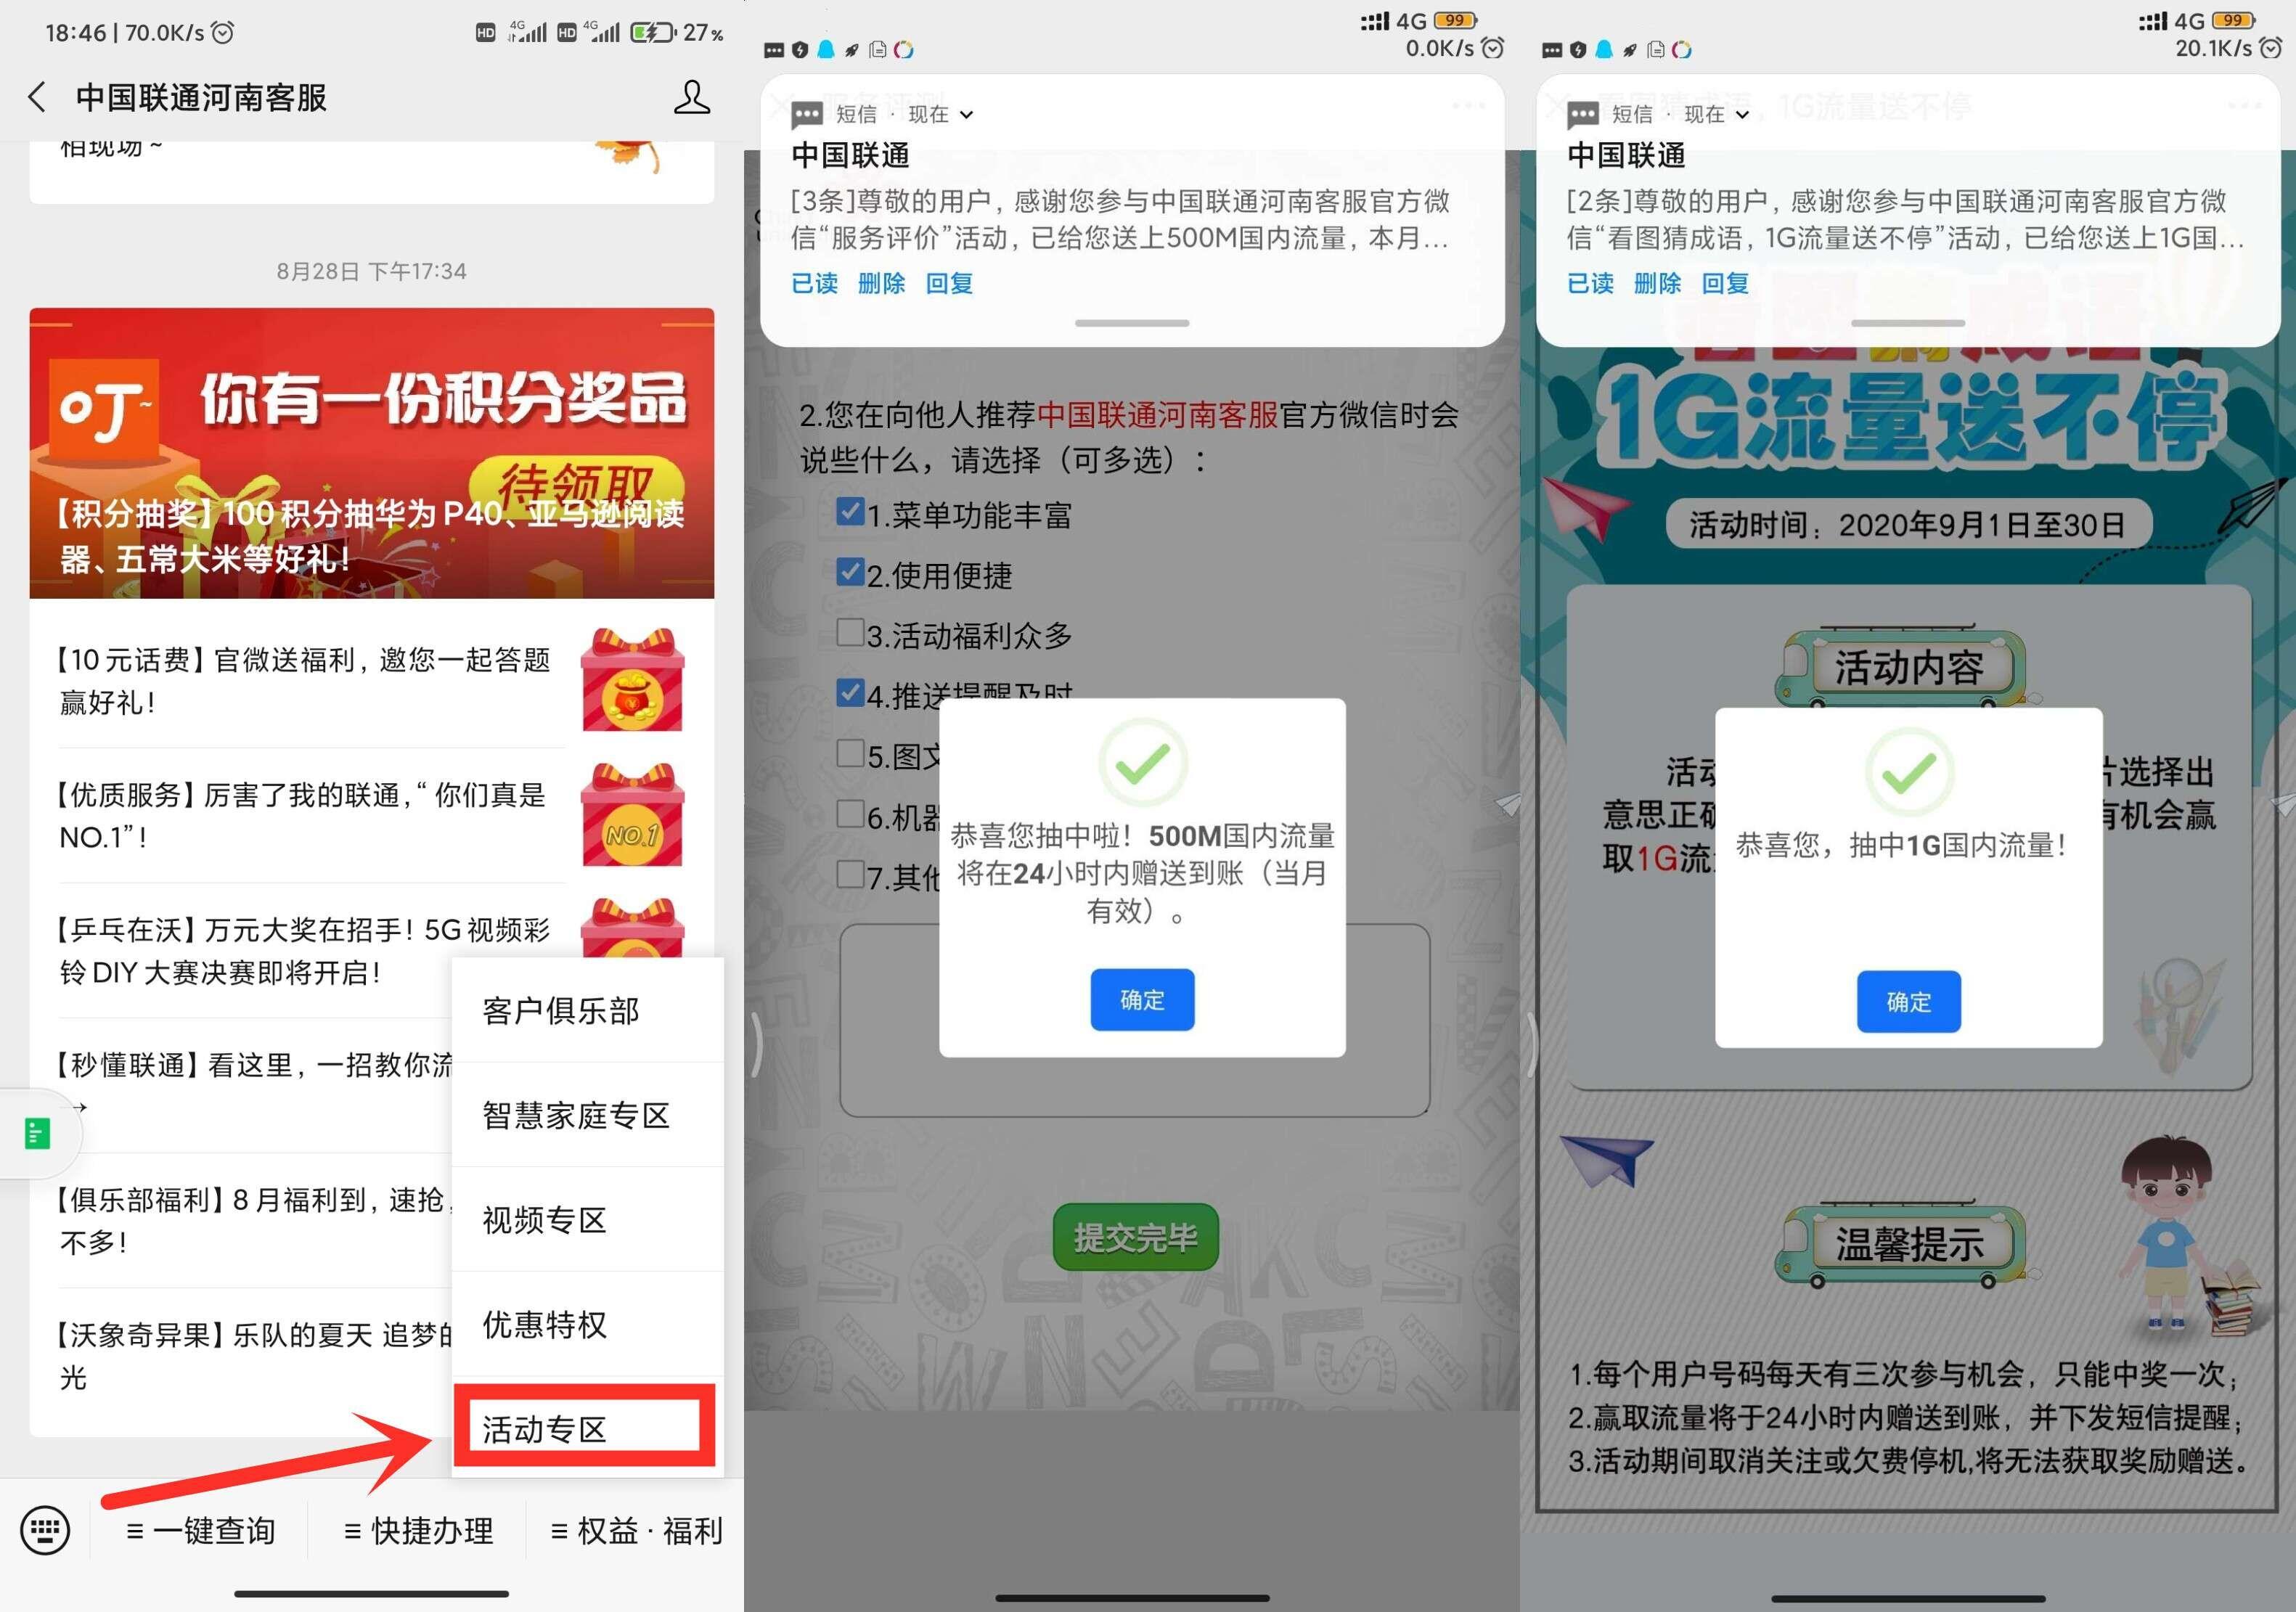 河南联通用户每月抽1500M流量